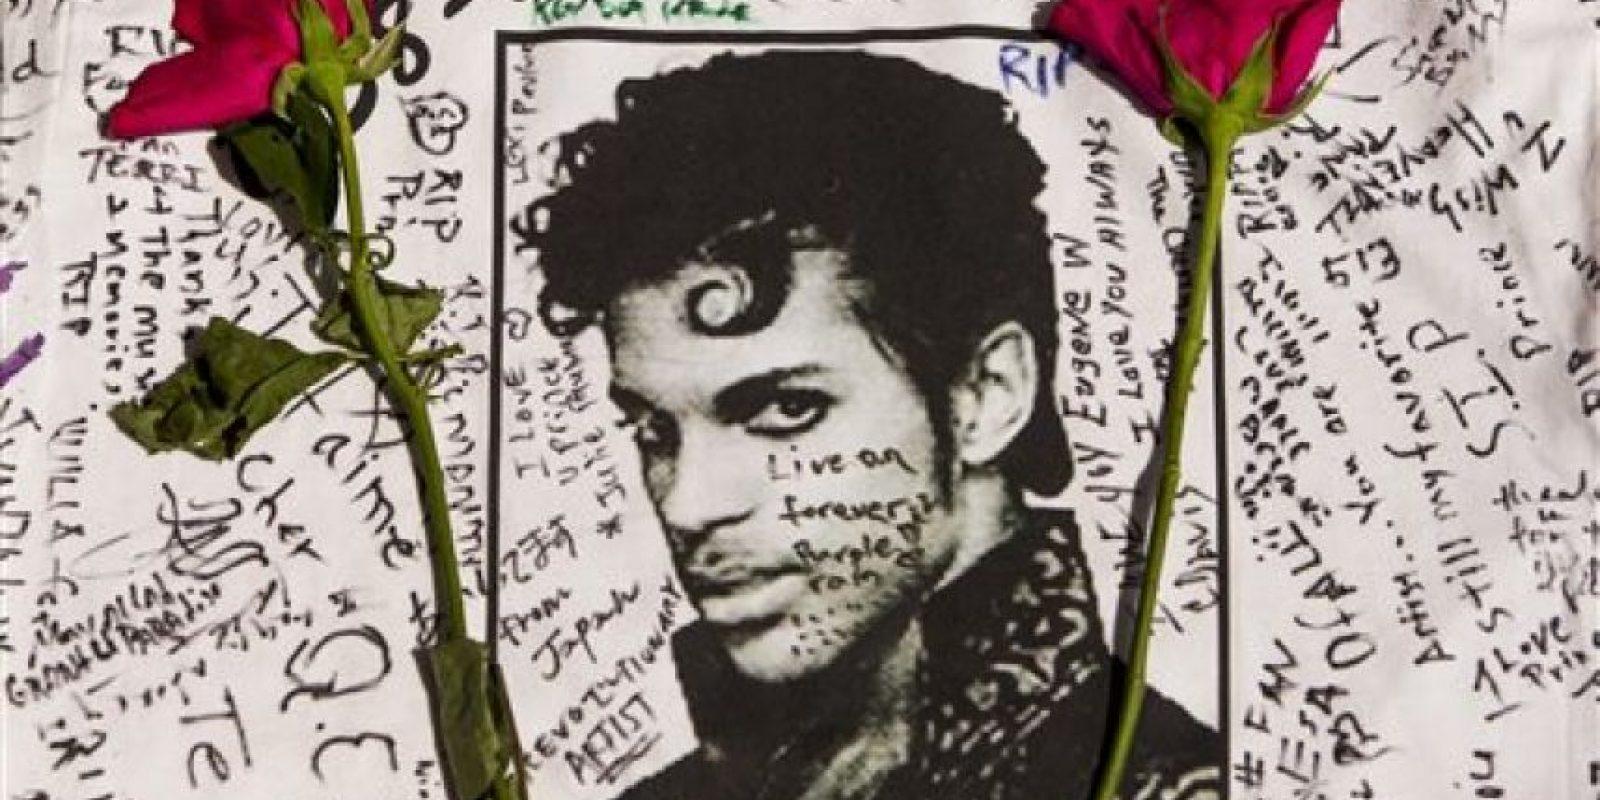 Así se recordó a Prince en todo el mundo Foto:AP. Imagen Por: